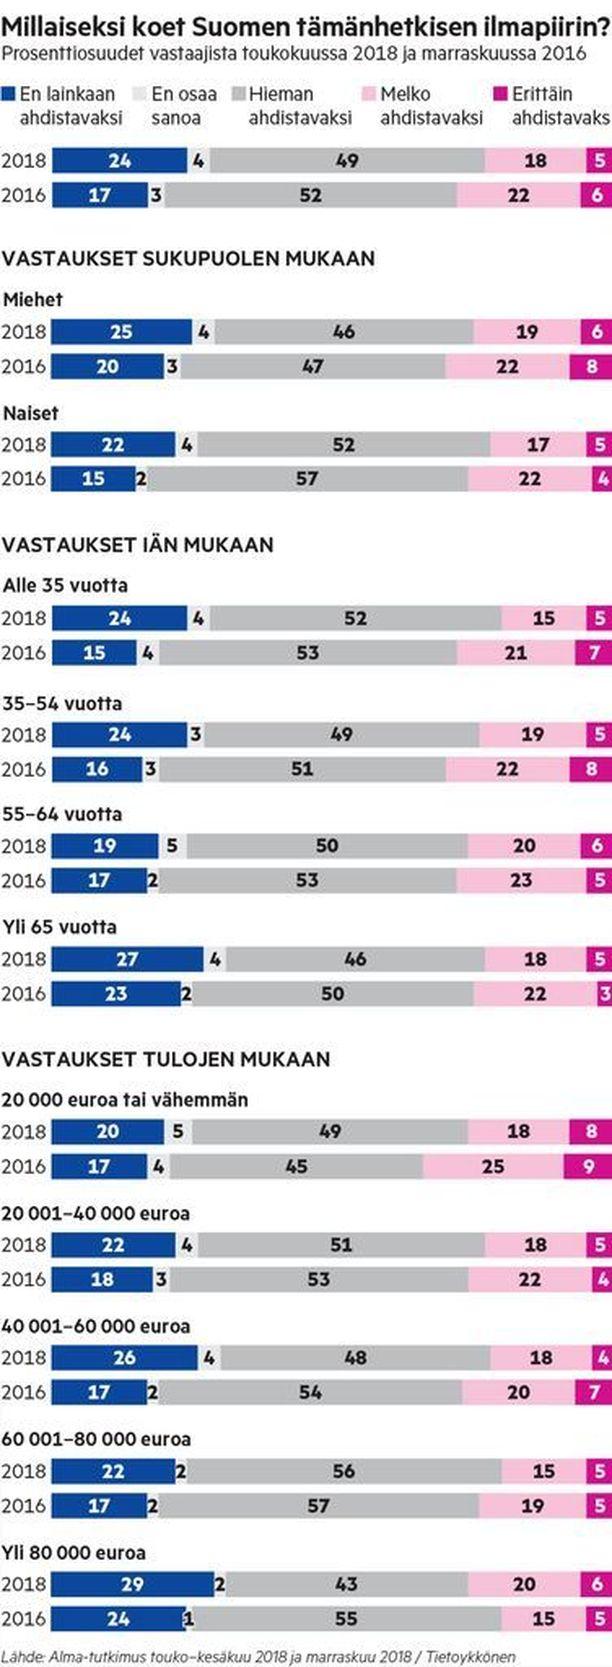 Alma-tutkimus: Millaiseksi koet Suomen tämänhetkisen ilmapiirin?